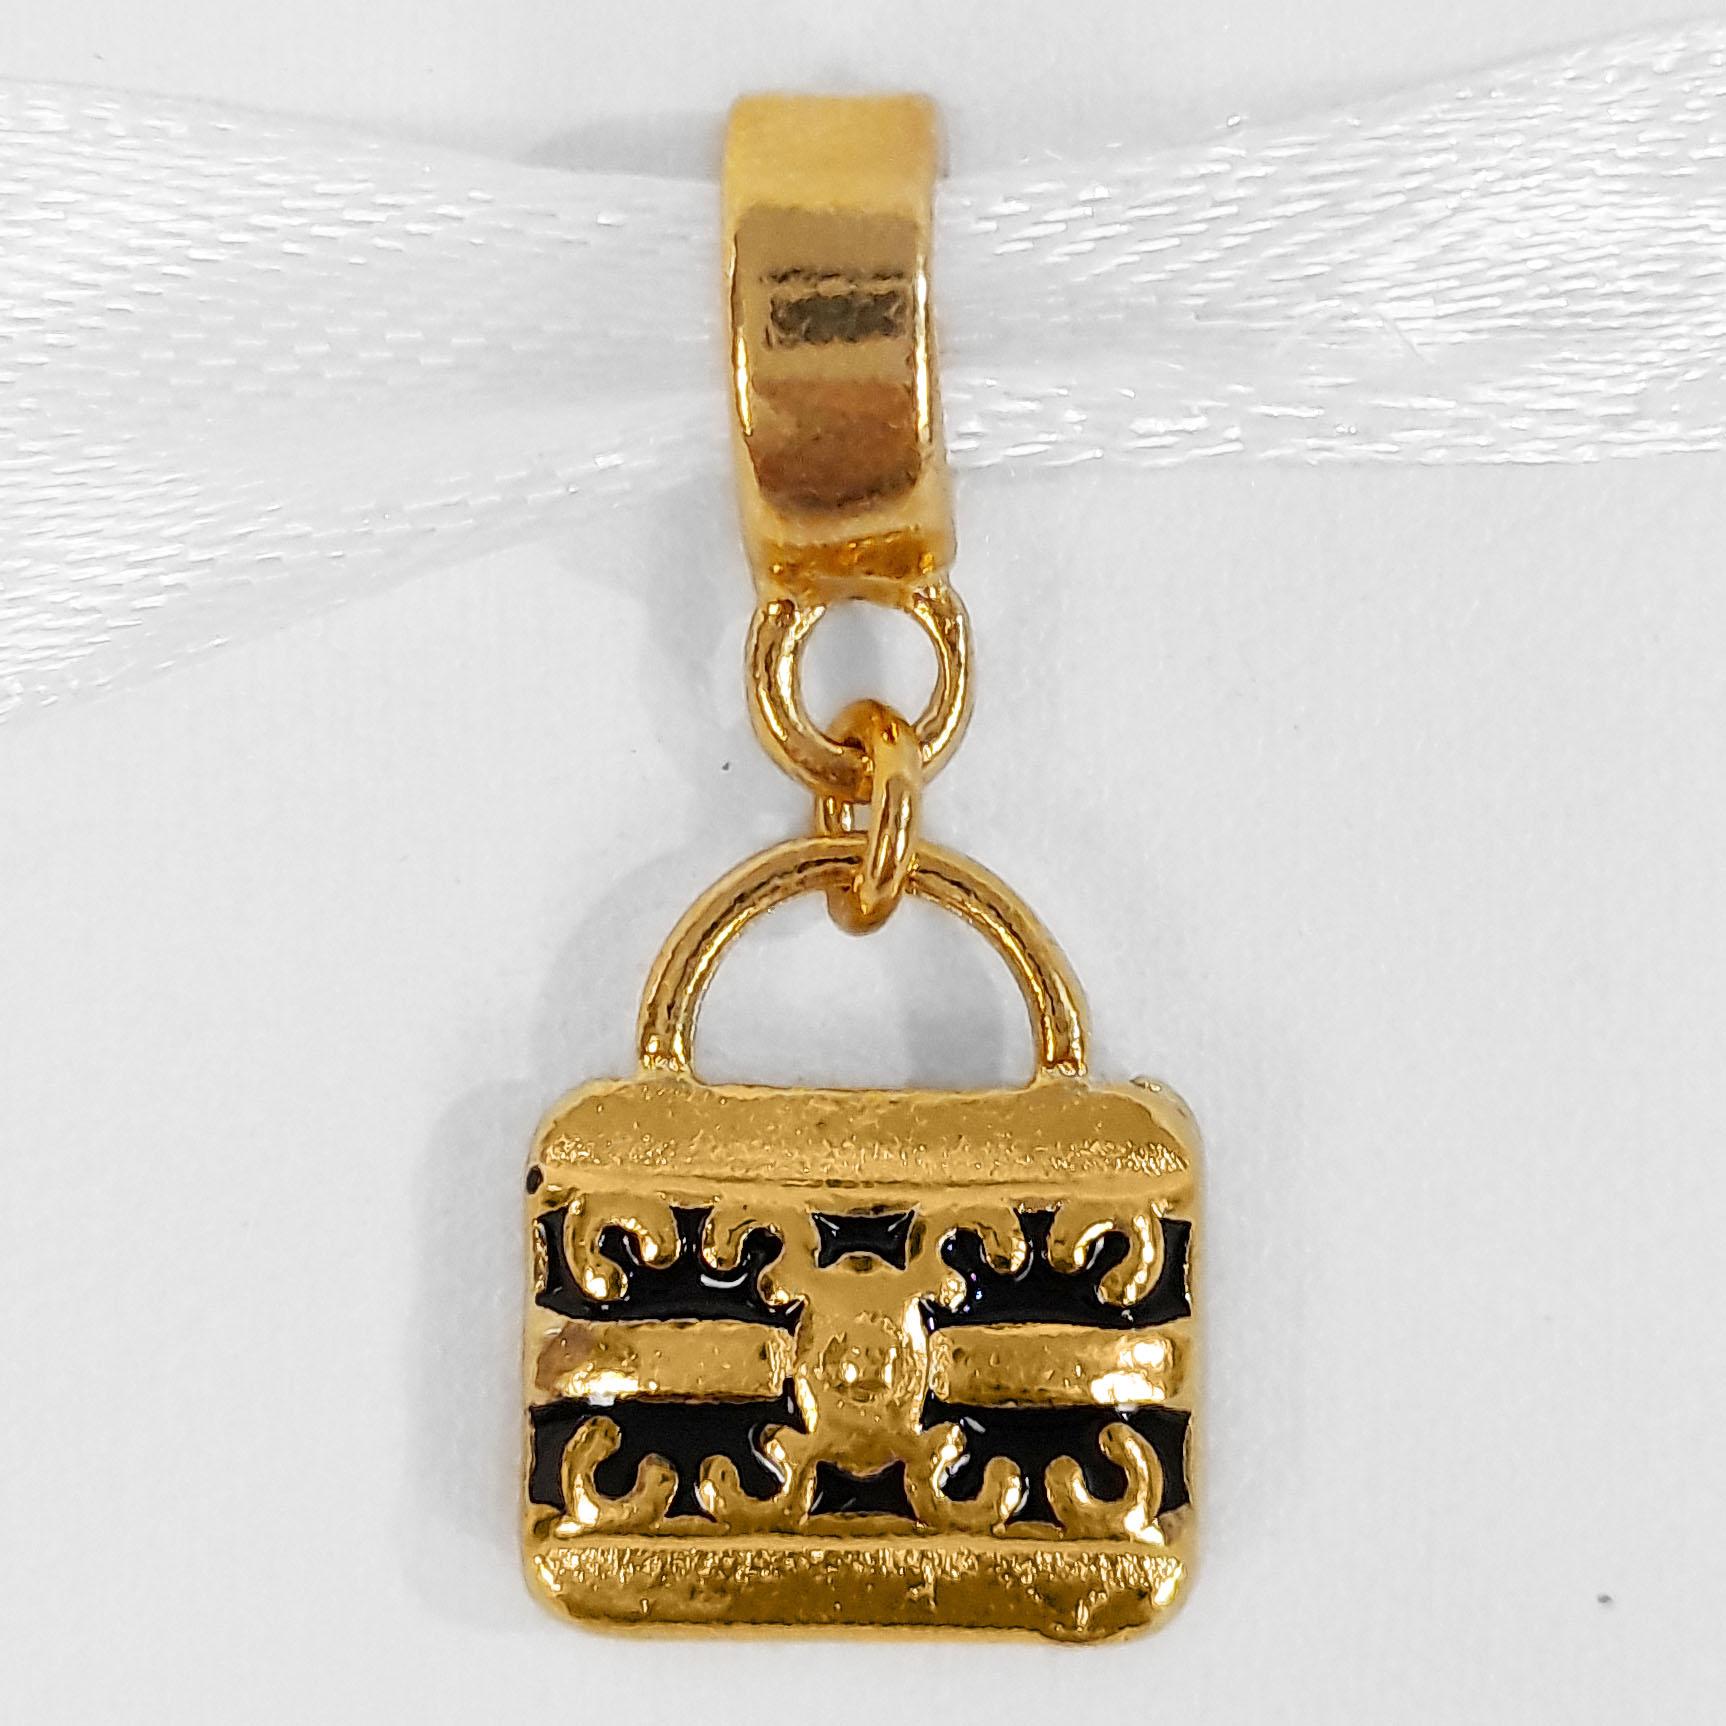 Pingente Berloque Bolsa Folheado a Ouro 18k  - Lunozê Joias